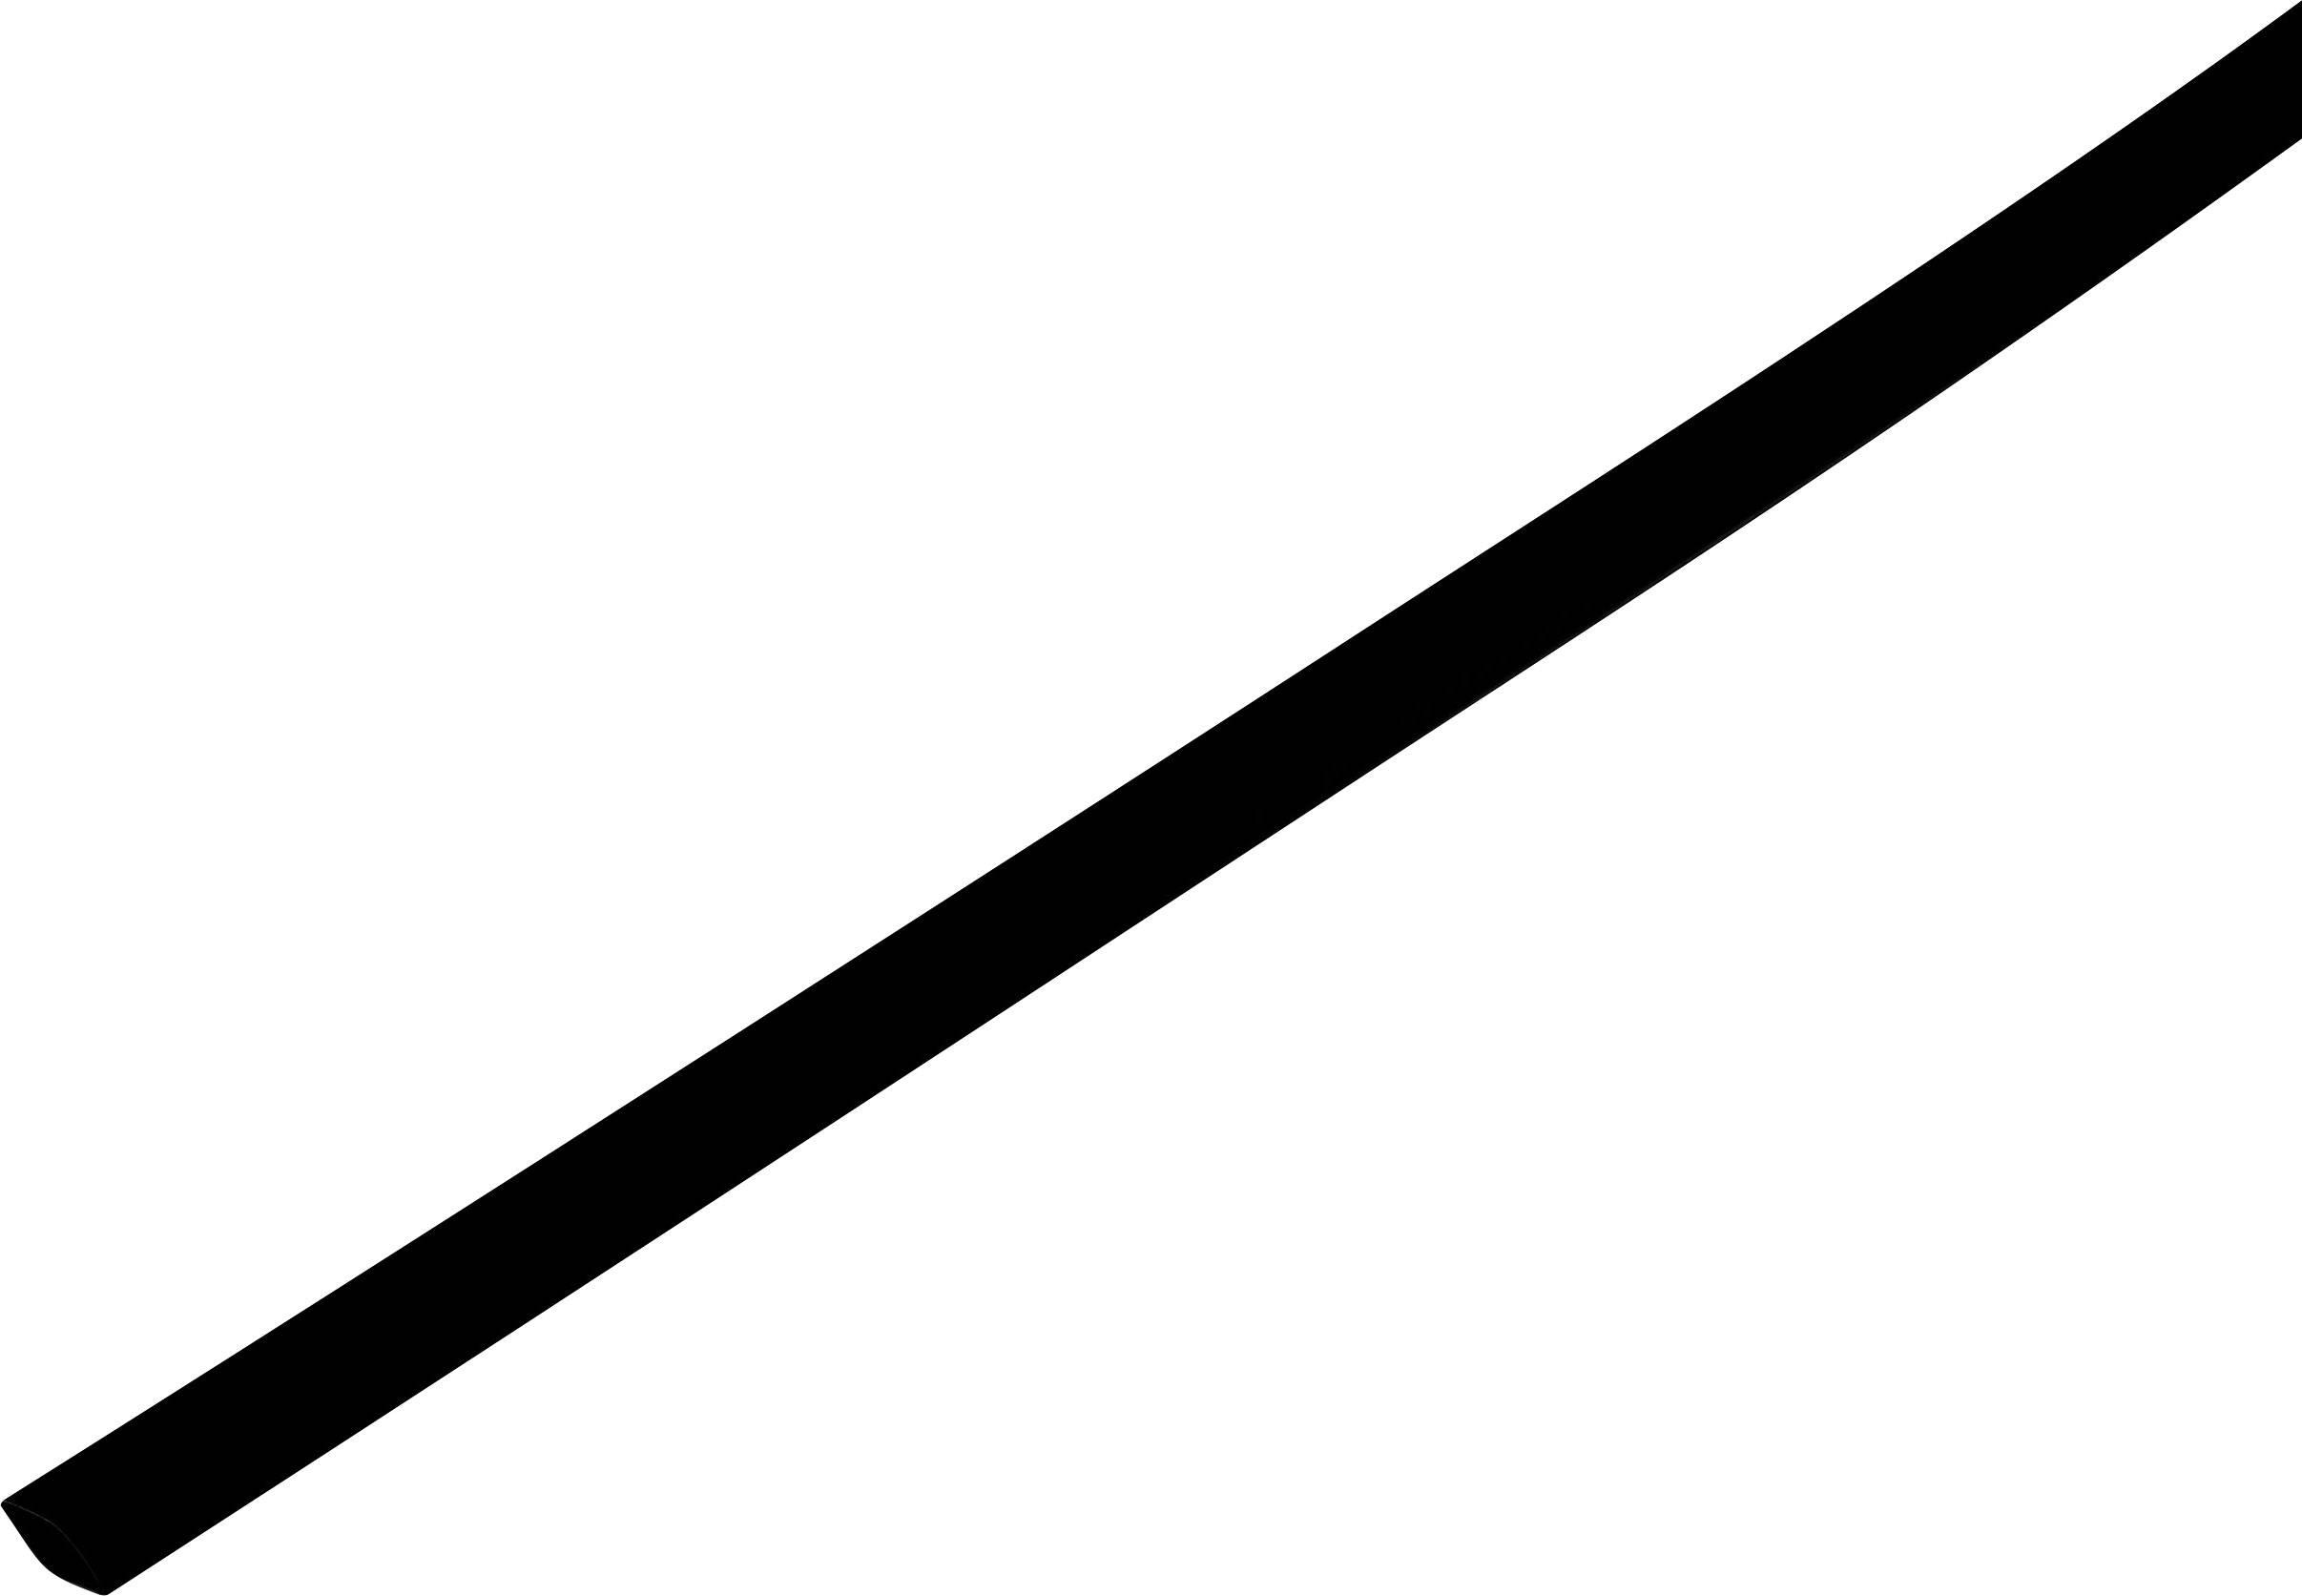 Smršťovací bužírka bez lepidla TRU COMPONENTS 1225410 2:1, -55 až +125 °C, 1 mm, černá, metrové zboží